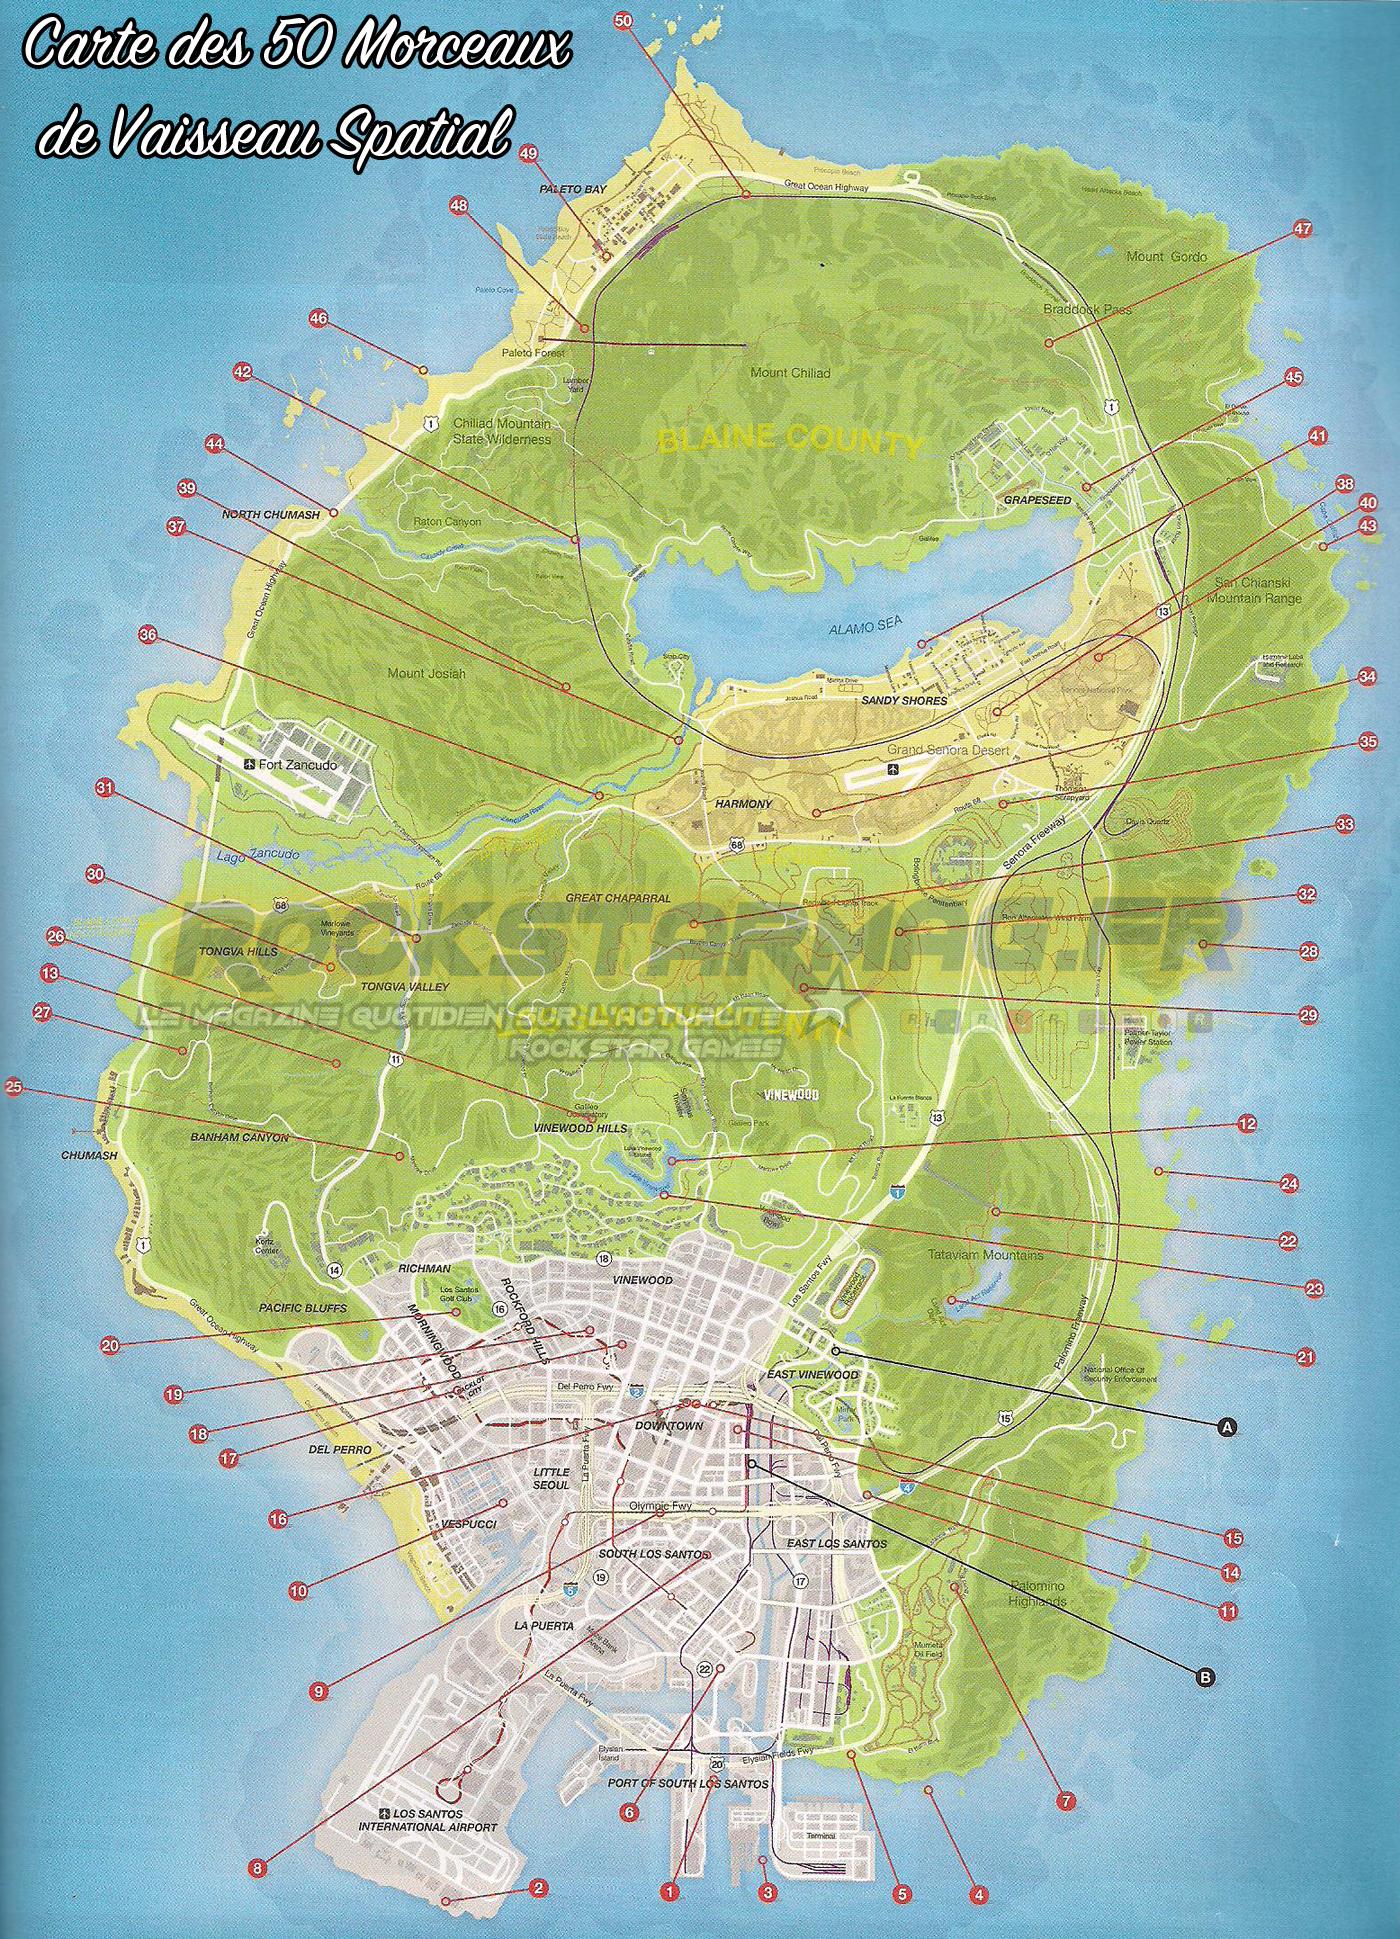 carte 50 morceaux vaisseau